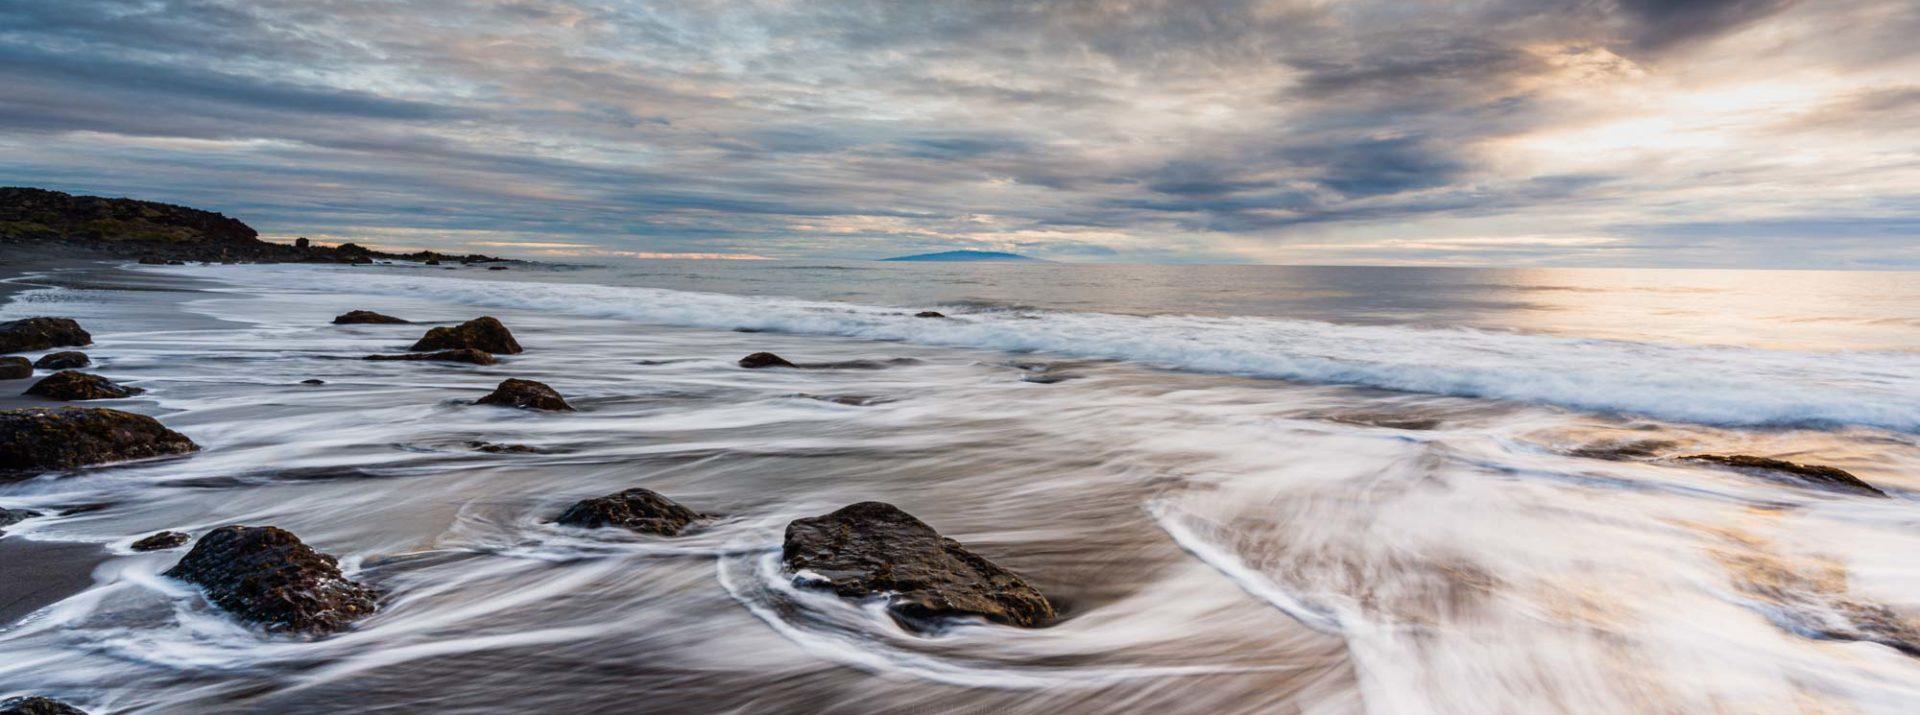 Playa del Inglés, Valle Gran Rey, © Luis M. Anibarro